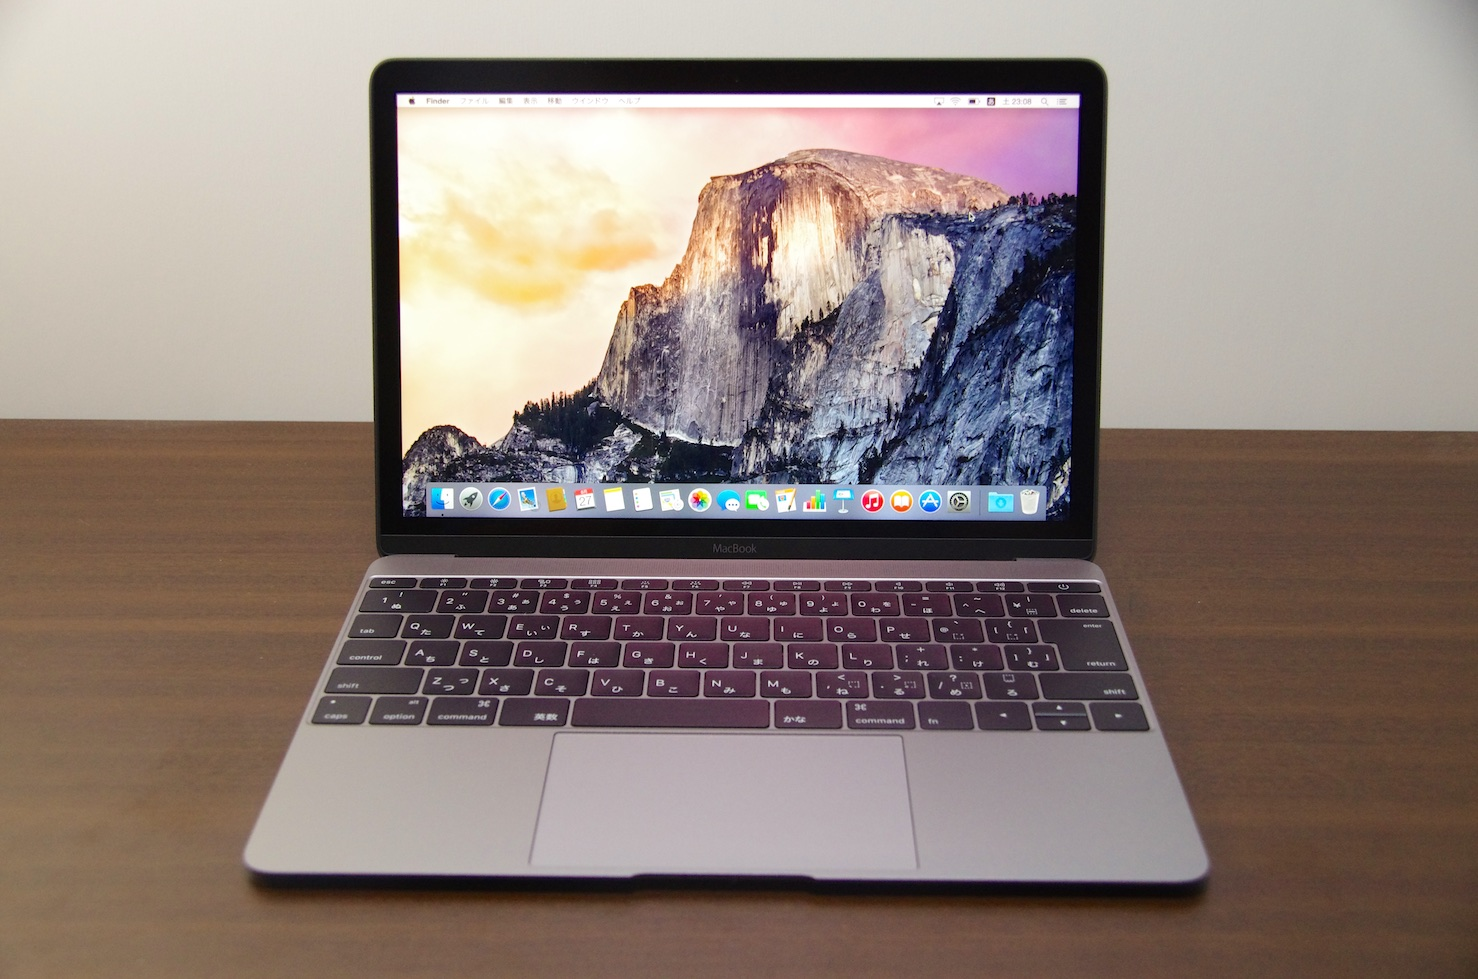 【レビュー】薄くてかっこいい!新型MacBook 12インチ スペースグレイが届いた。